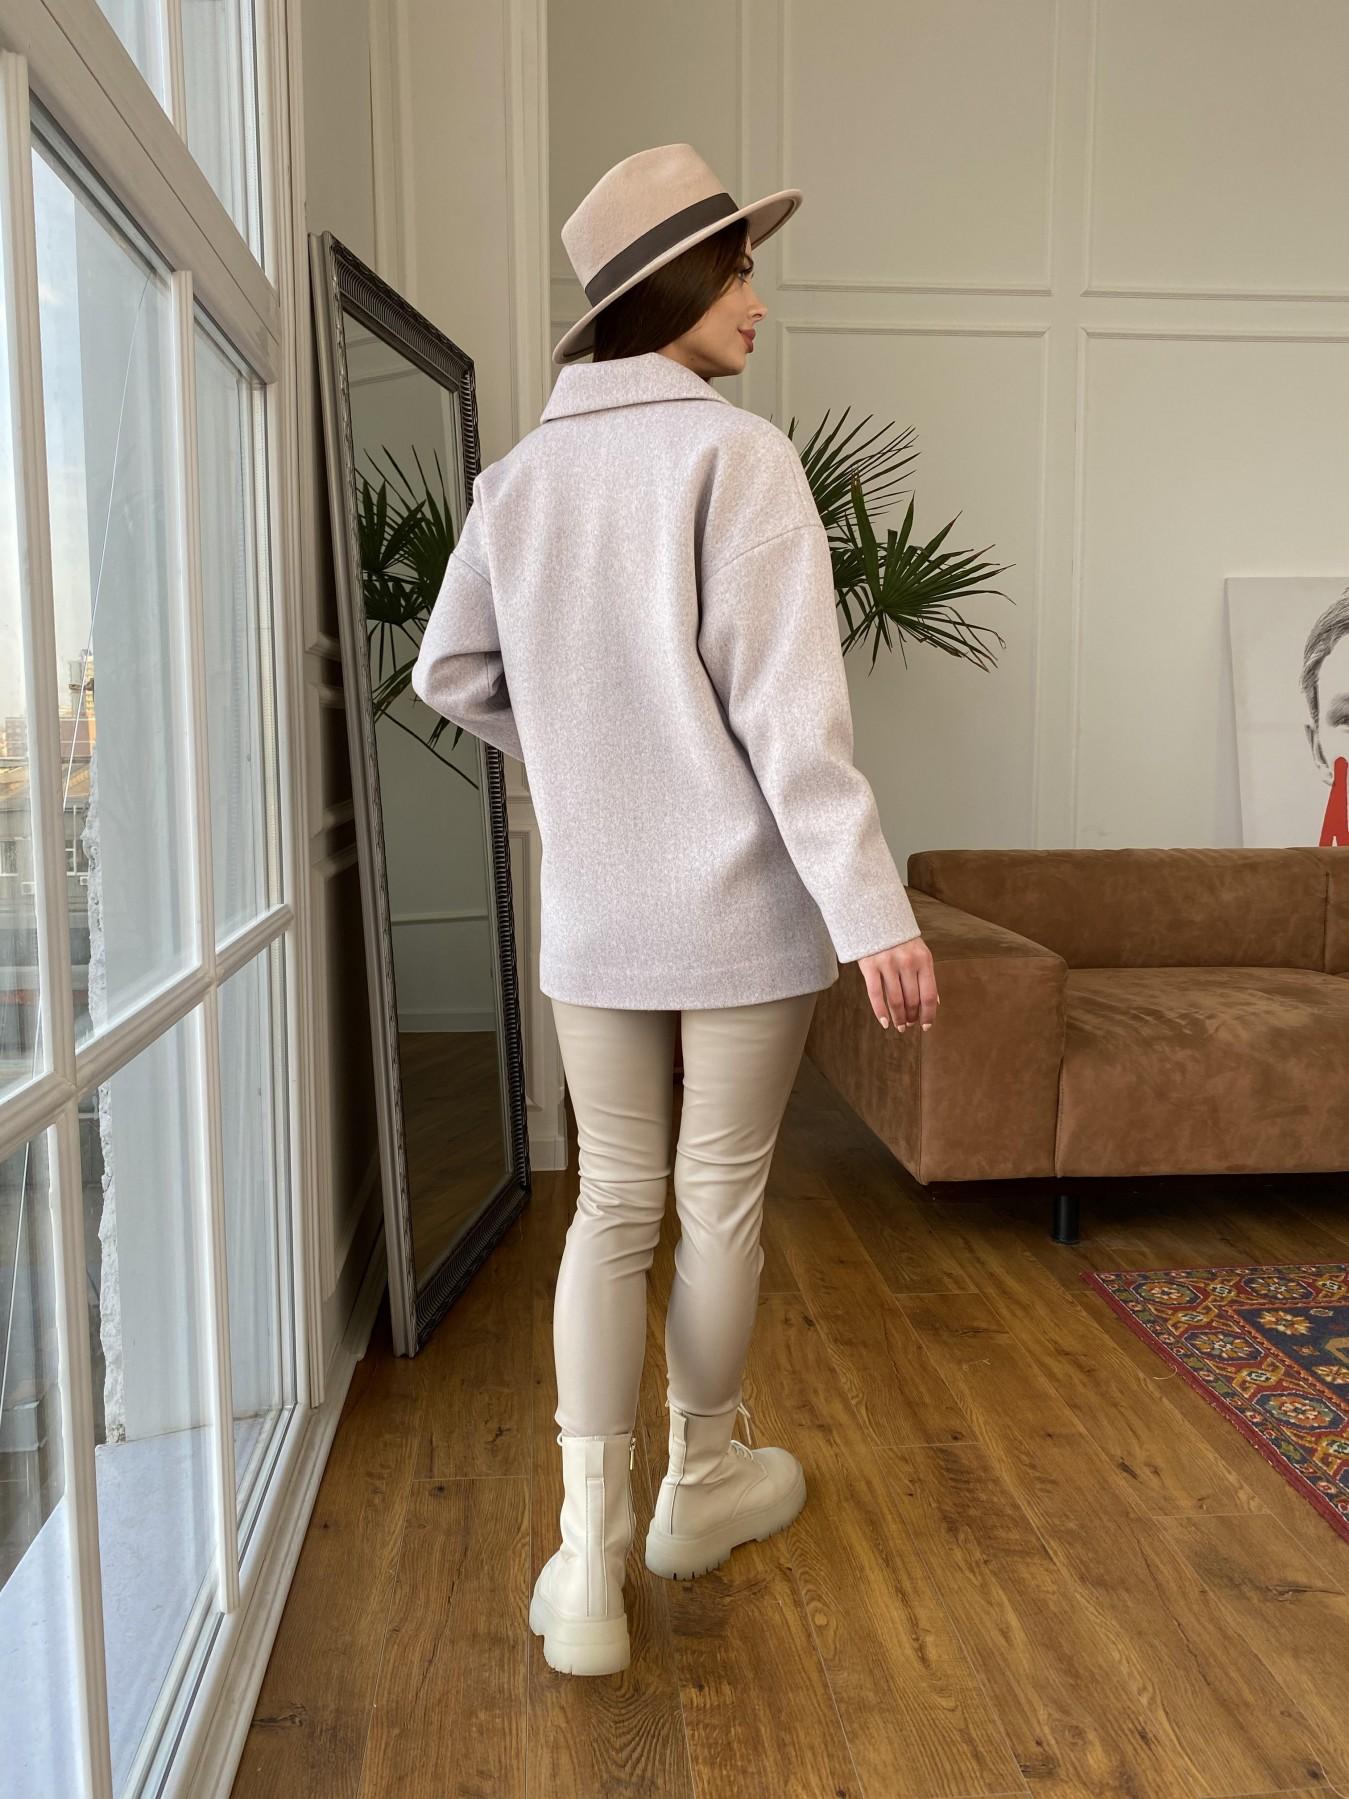 Мансера пальто кашемир меланж на трикотаже  10629 АРТ. 47554 Цвет: Серо-розовый 21 - фото 5, интернет магазин tm-modus.ru